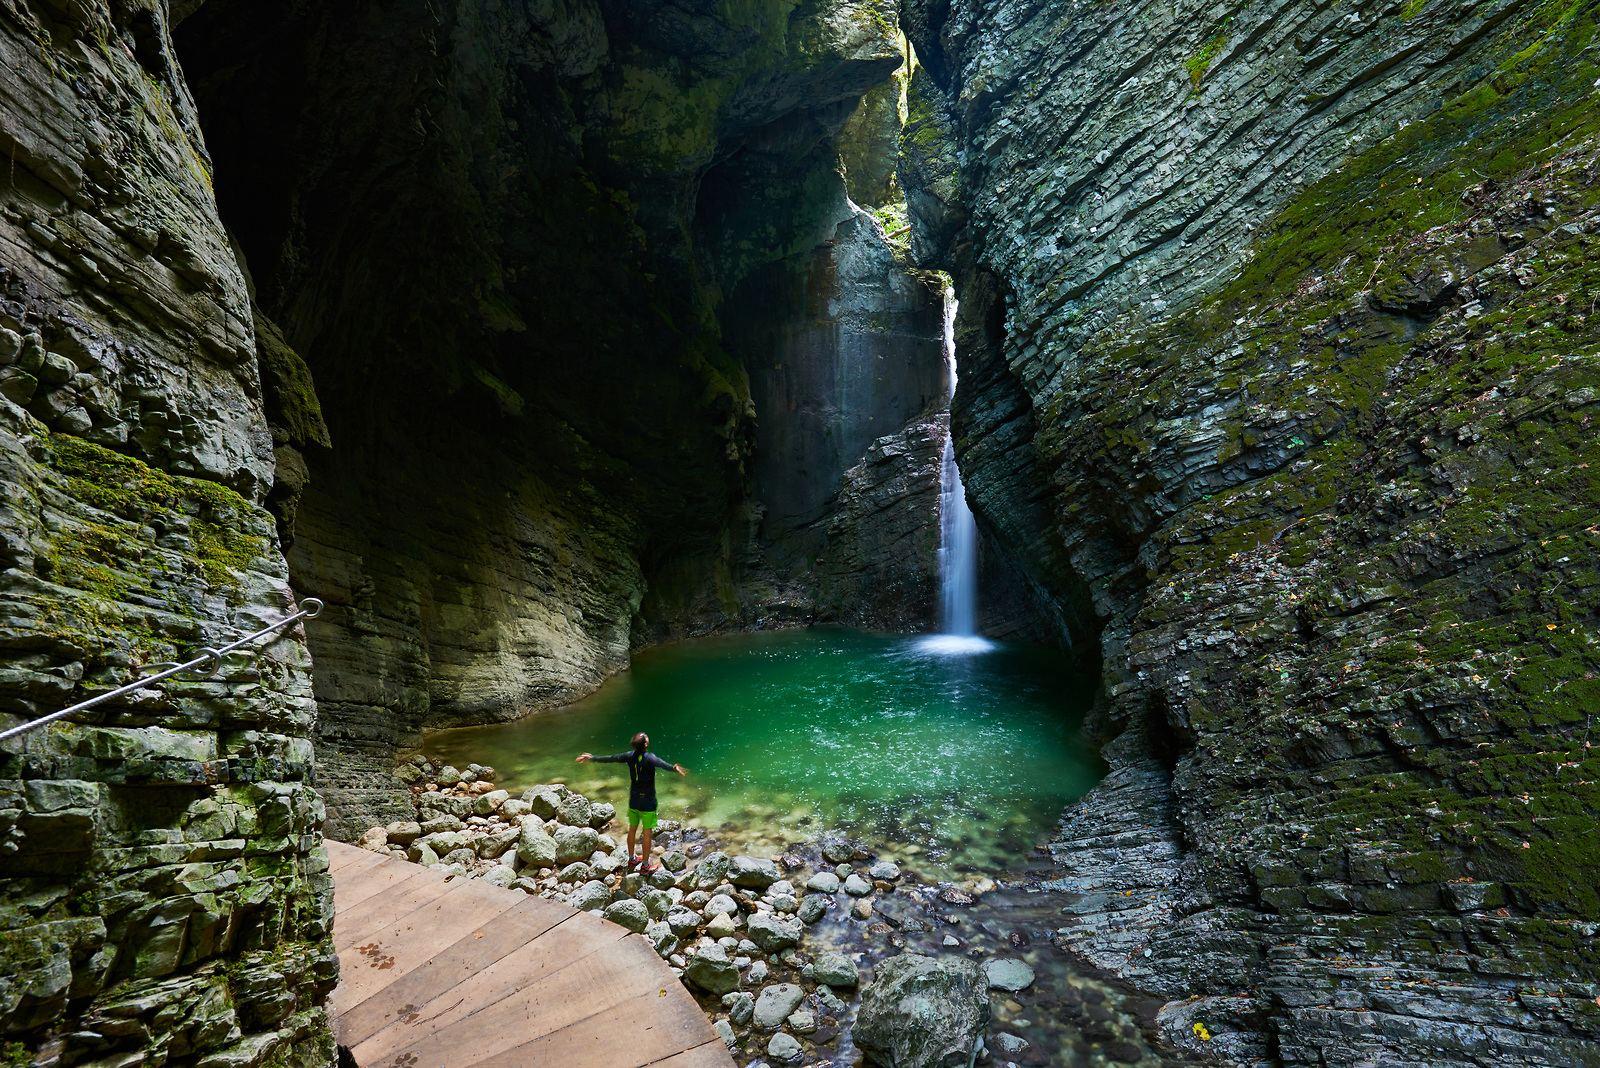 Vodopád Kozjak, Kobarid, Slovinsko. Foto: Tomo Jeseničnik